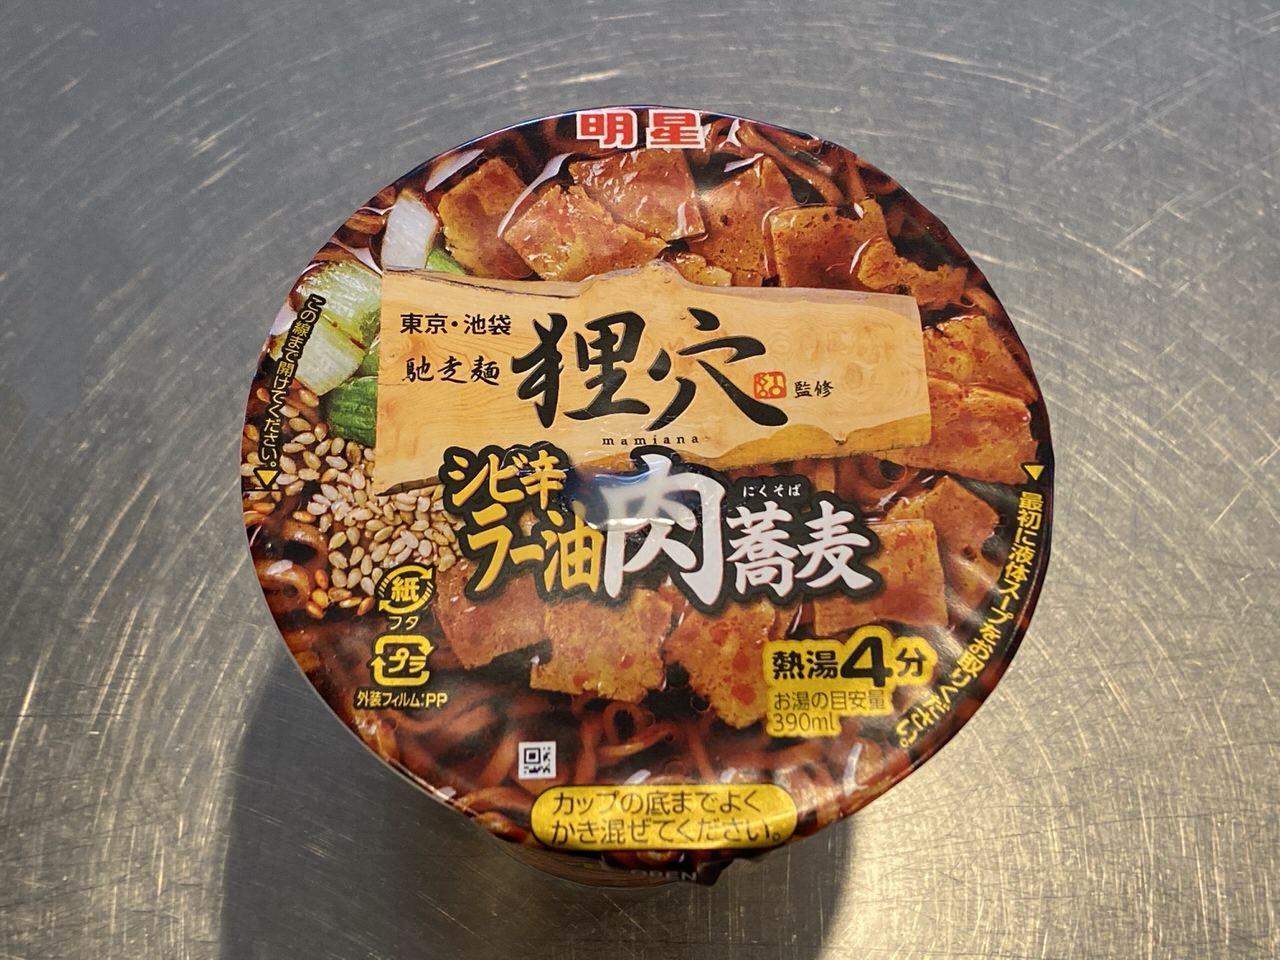 シビ辛ラー油が美味い肉蕎麦「馳走麺 狸穴監修 シビ辛ラー油肉蕎麦」食べてみた!